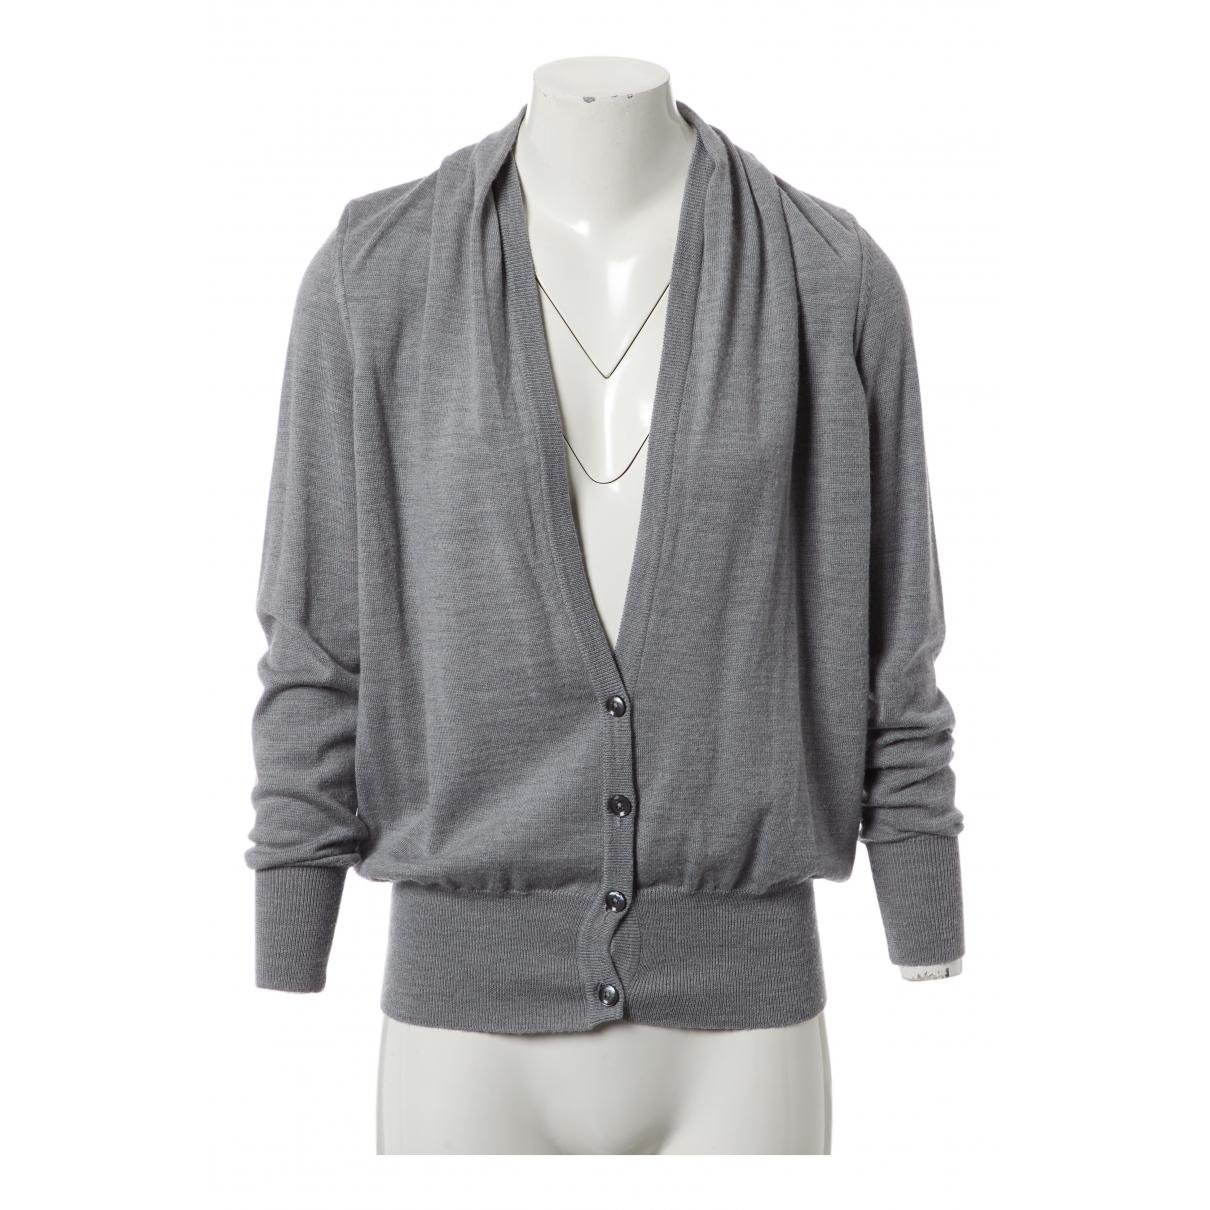 Maison Martin Margiela - Pull   pour femme en laine - gris